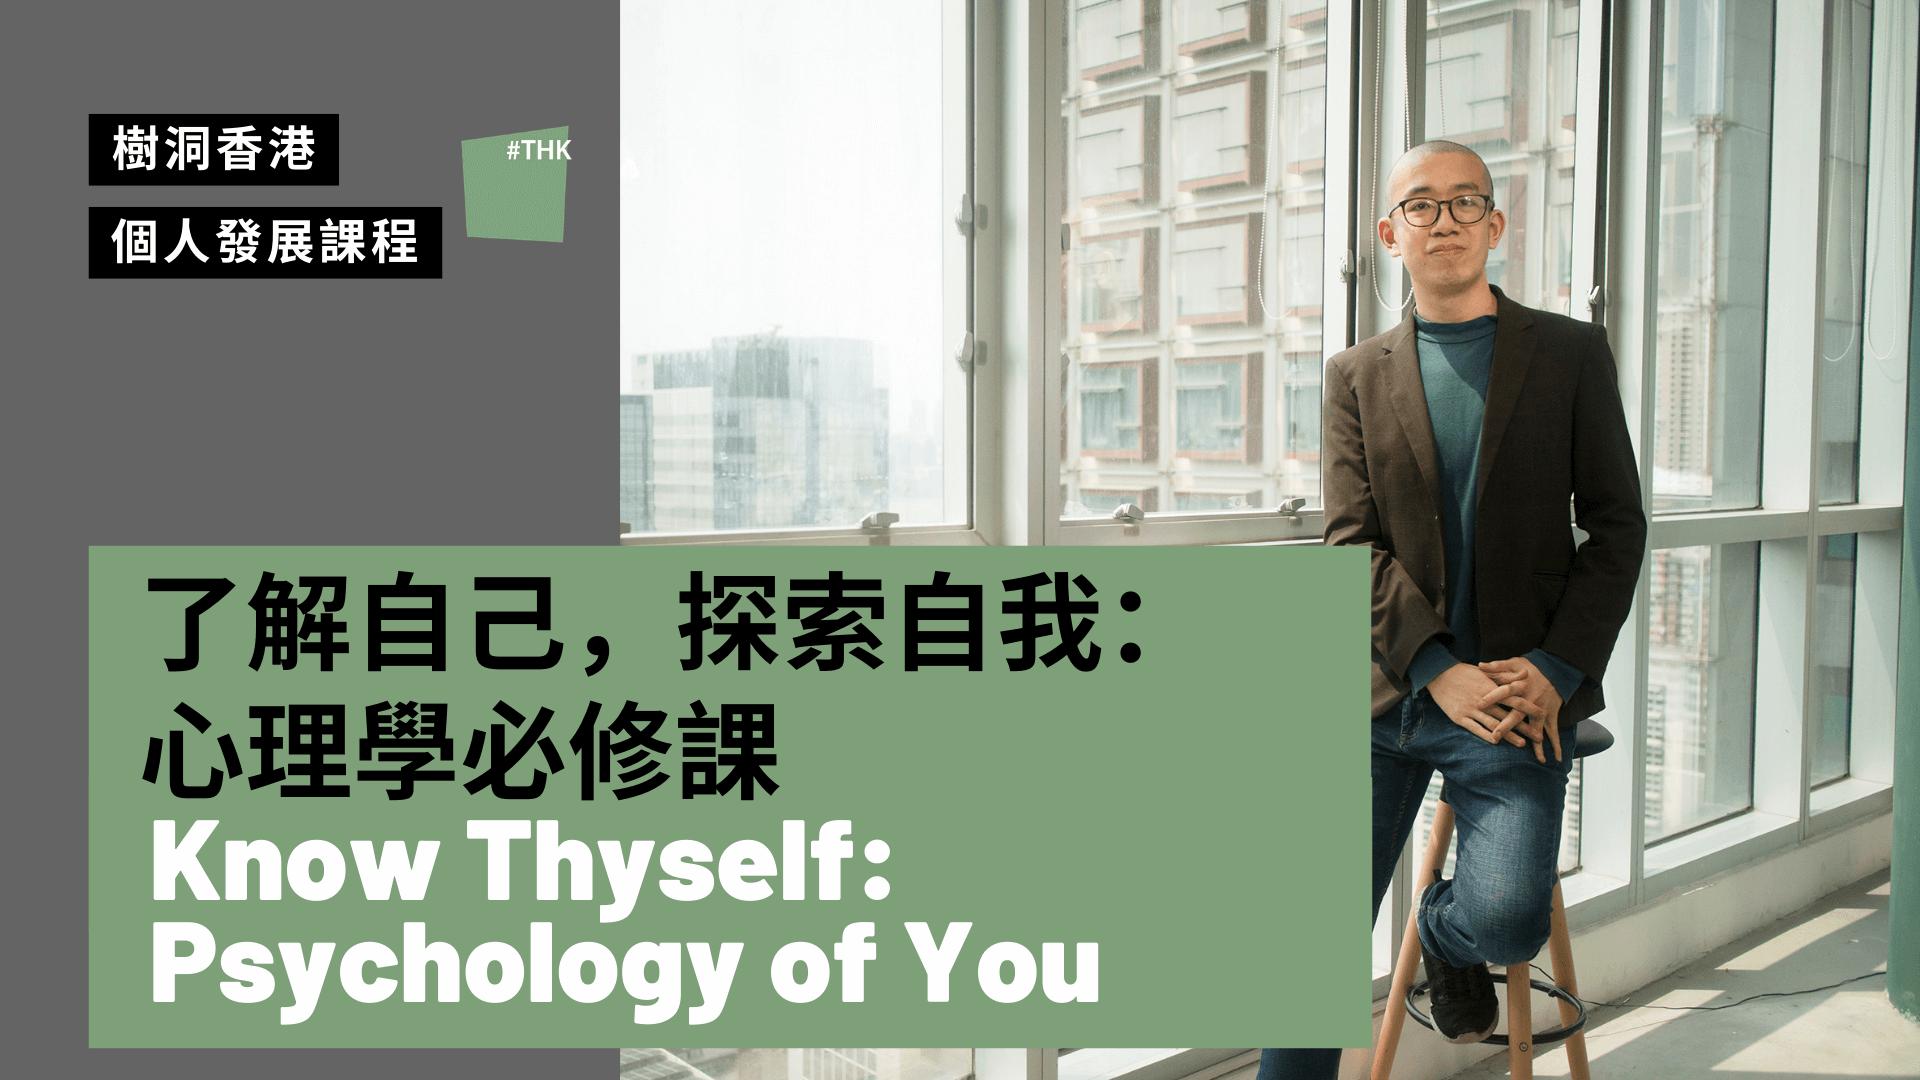 【Know Thyself】了解自己,探索自我: 心理學必修課 2